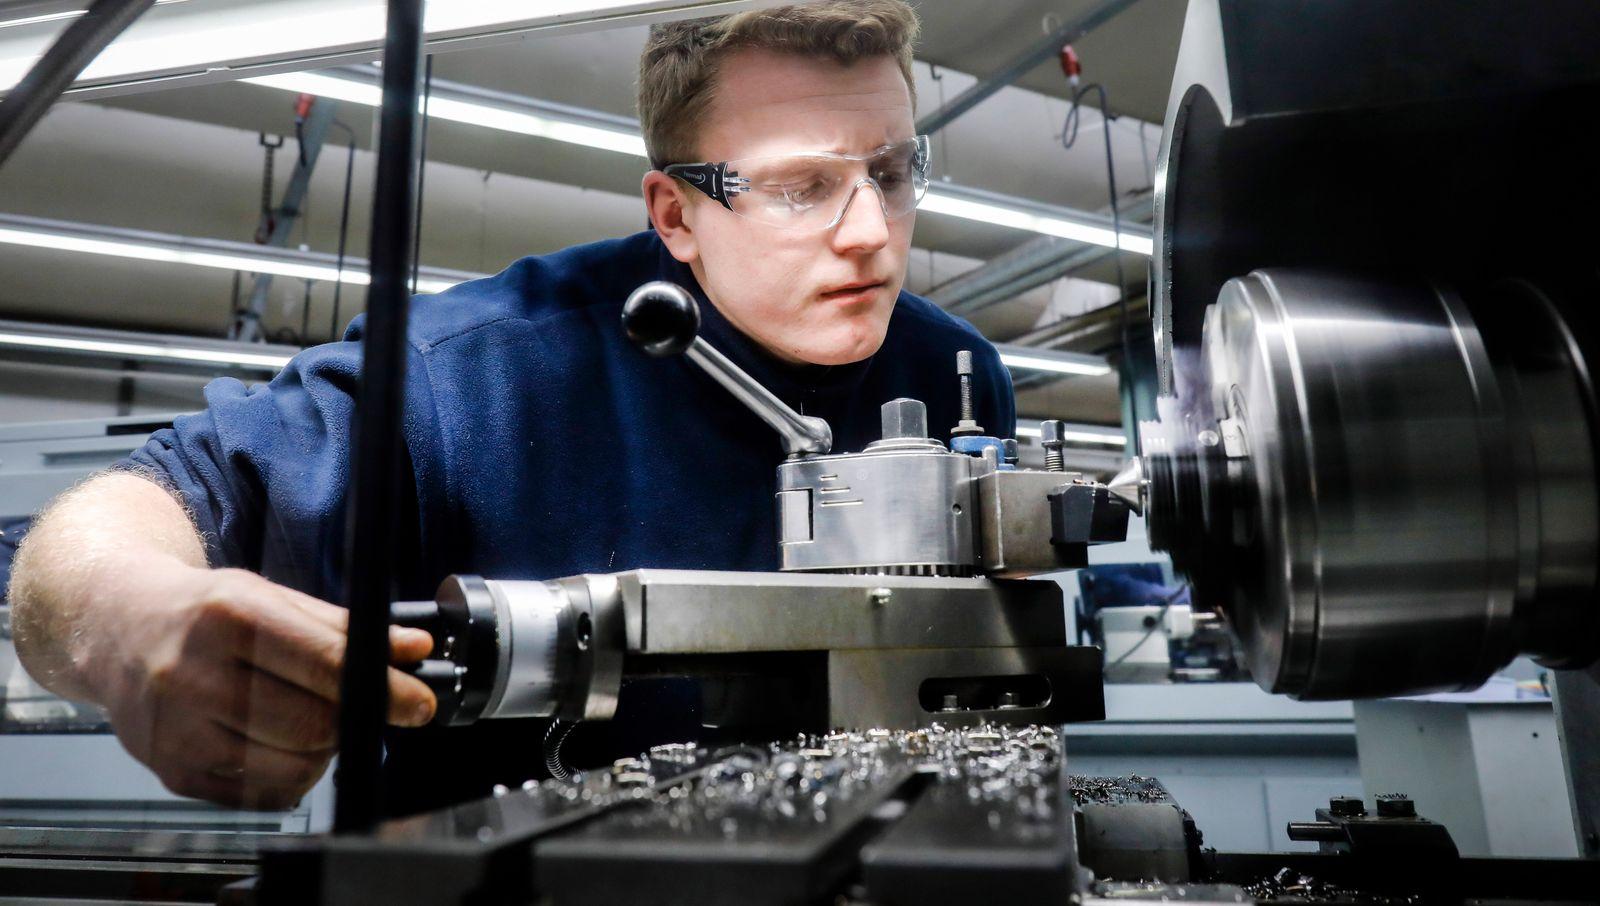 12.02.2020, Remscheid, Nordrhein-Westfalen, Deutschland - Auszubildende in Metallberufen, hier an einer Werkzeugmaschine